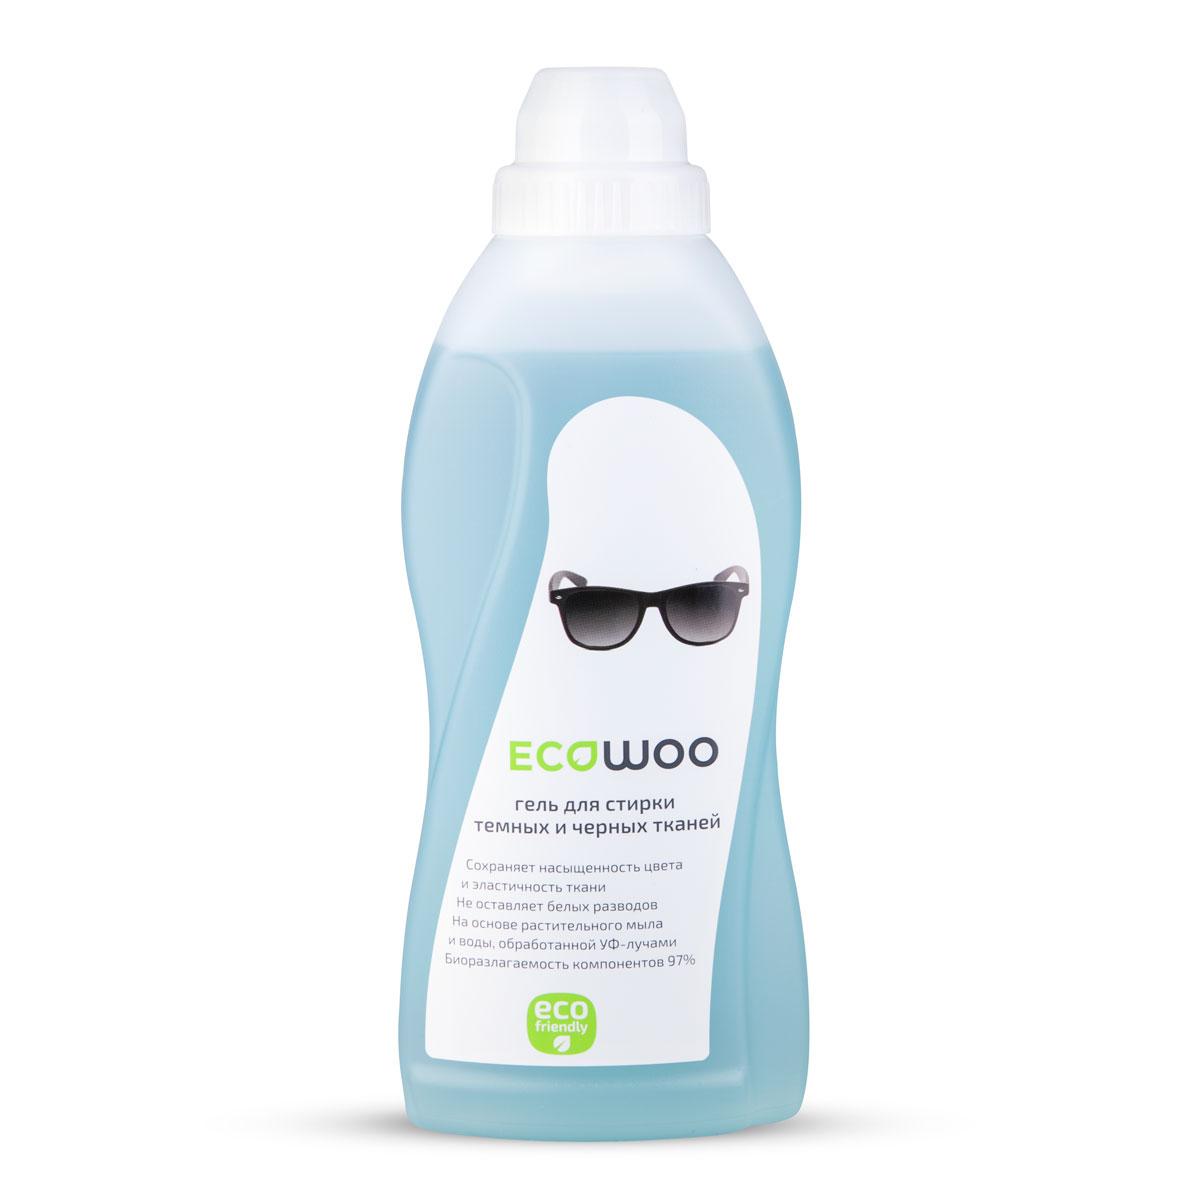 Гель для стирки черного белья EcoWoo, концентрат, 700 млVA4211 B00Гель EcoWoo подходит для стирки черных, темных, а также джинсовых тканей. Средство сохраняет насыщенность цвета и эластичность ткани, не оставляет белых разводов. Изготовлен на основе растительного мыла и воды двойной очистки. Биоразлагаемость компонентов 97%. Состав: вода специально подготовленная, АПАВ 5-15%, растительное мыло 5-15%, НПАВ менее 5%, ароматизатор, консервант, функциональные добавки, краситель.Товар сертифицирован.